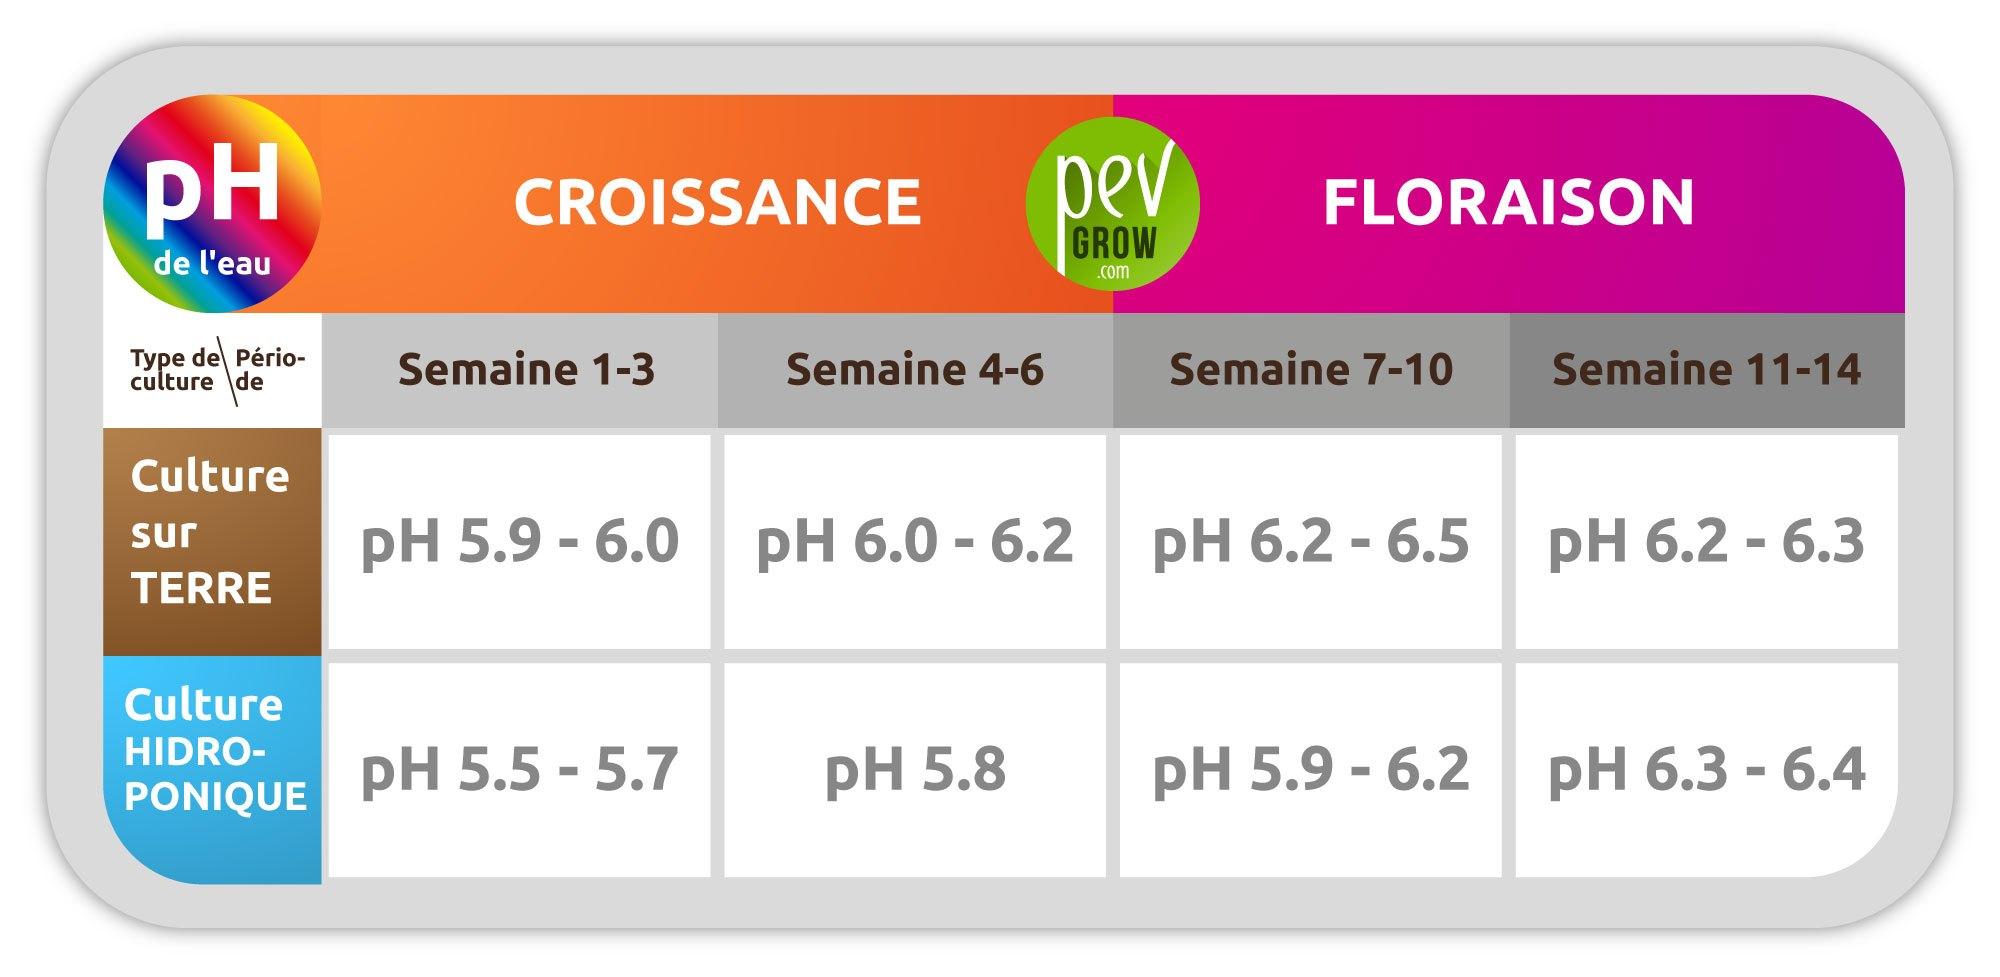 Mesures recommandées du pH de l'eau en fonction du type de culture